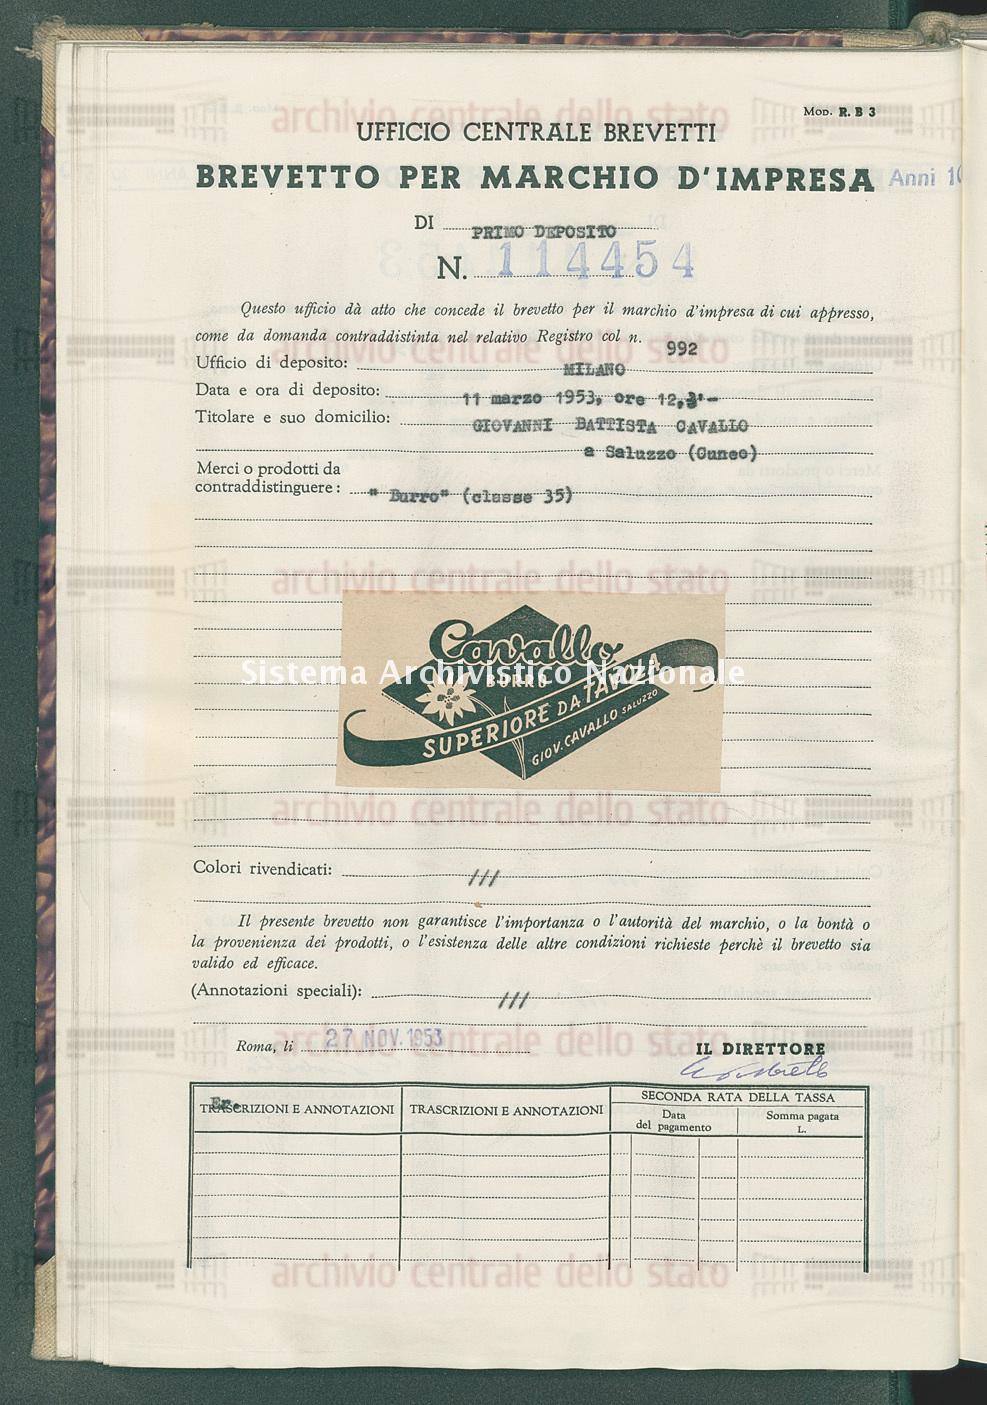 'Burro' Giovanni Battista Cavallo (27/11/1953)